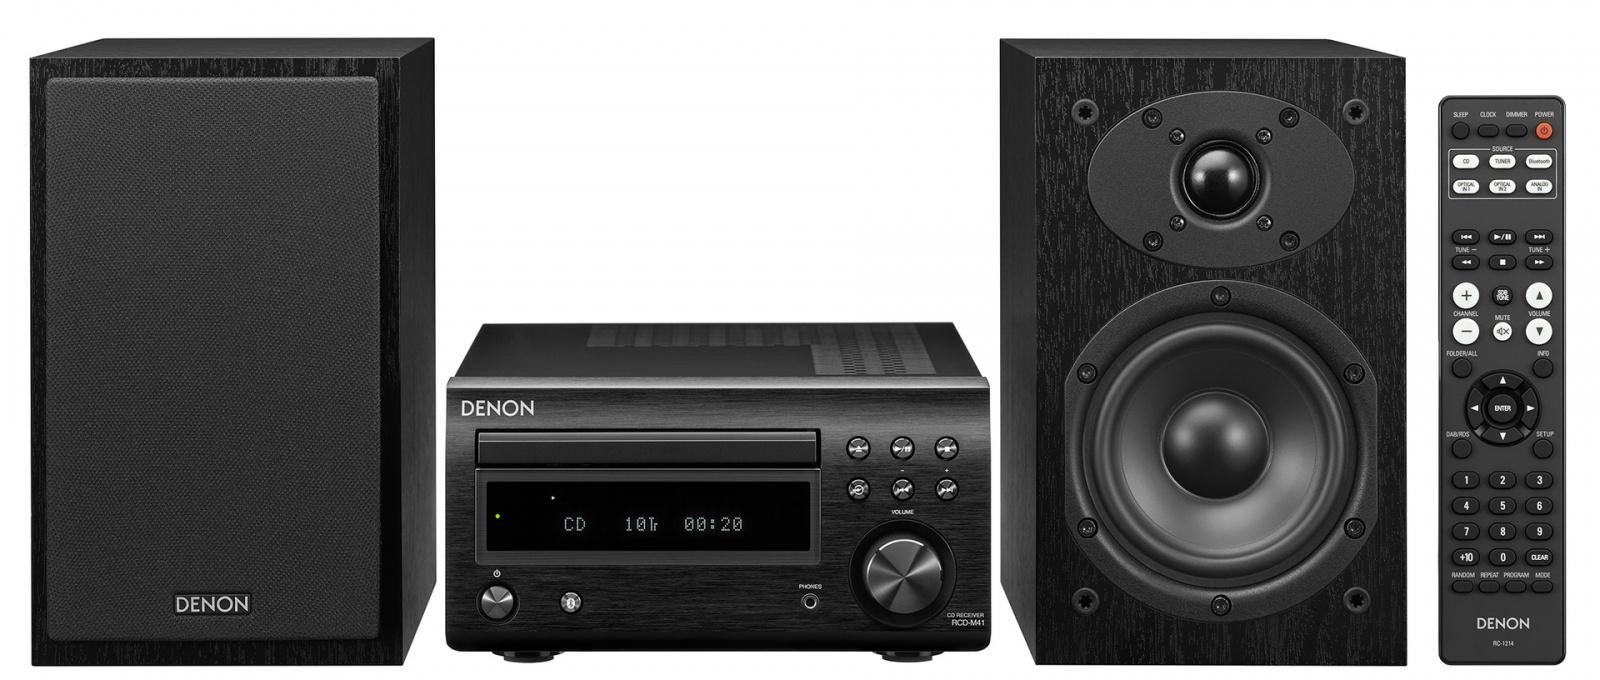 Мини-система Denon D-M41: возвращение к концепции музыкального центра, Hi-Fi для среднего класса - 1